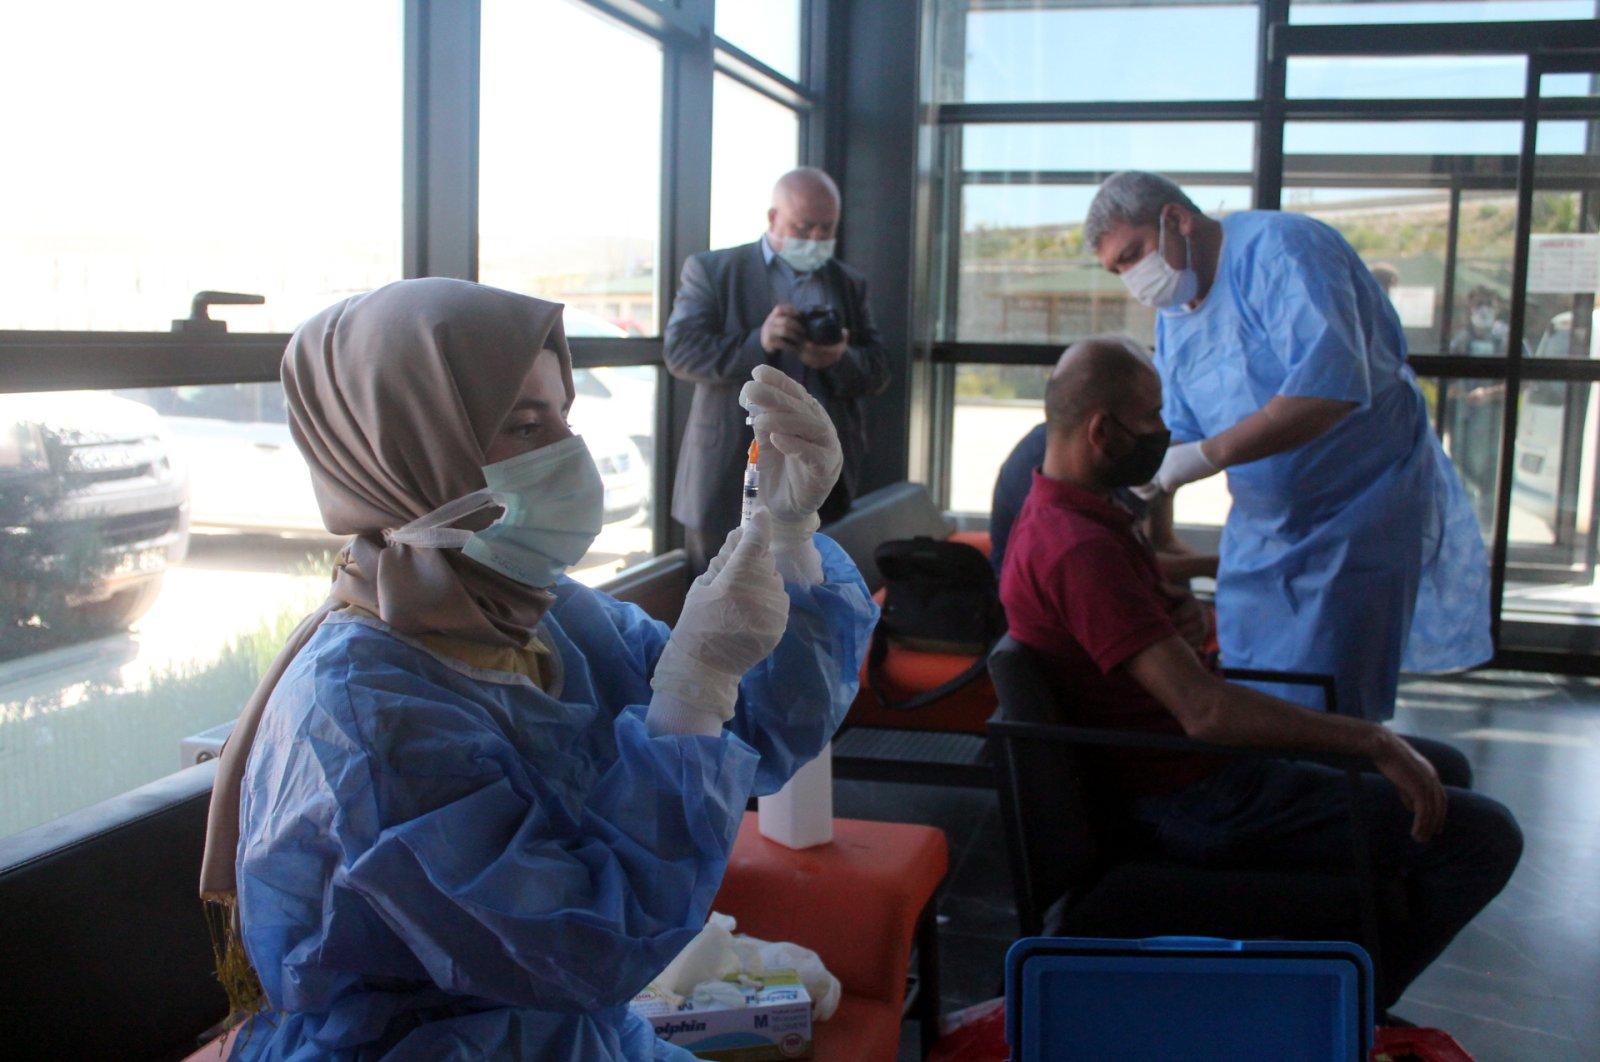 A nurse prepares a vaccine, while a man has his COVID-19 jab, in Bayburt, northeastern Turkey, June 18, 2021. (AA PHOTO)